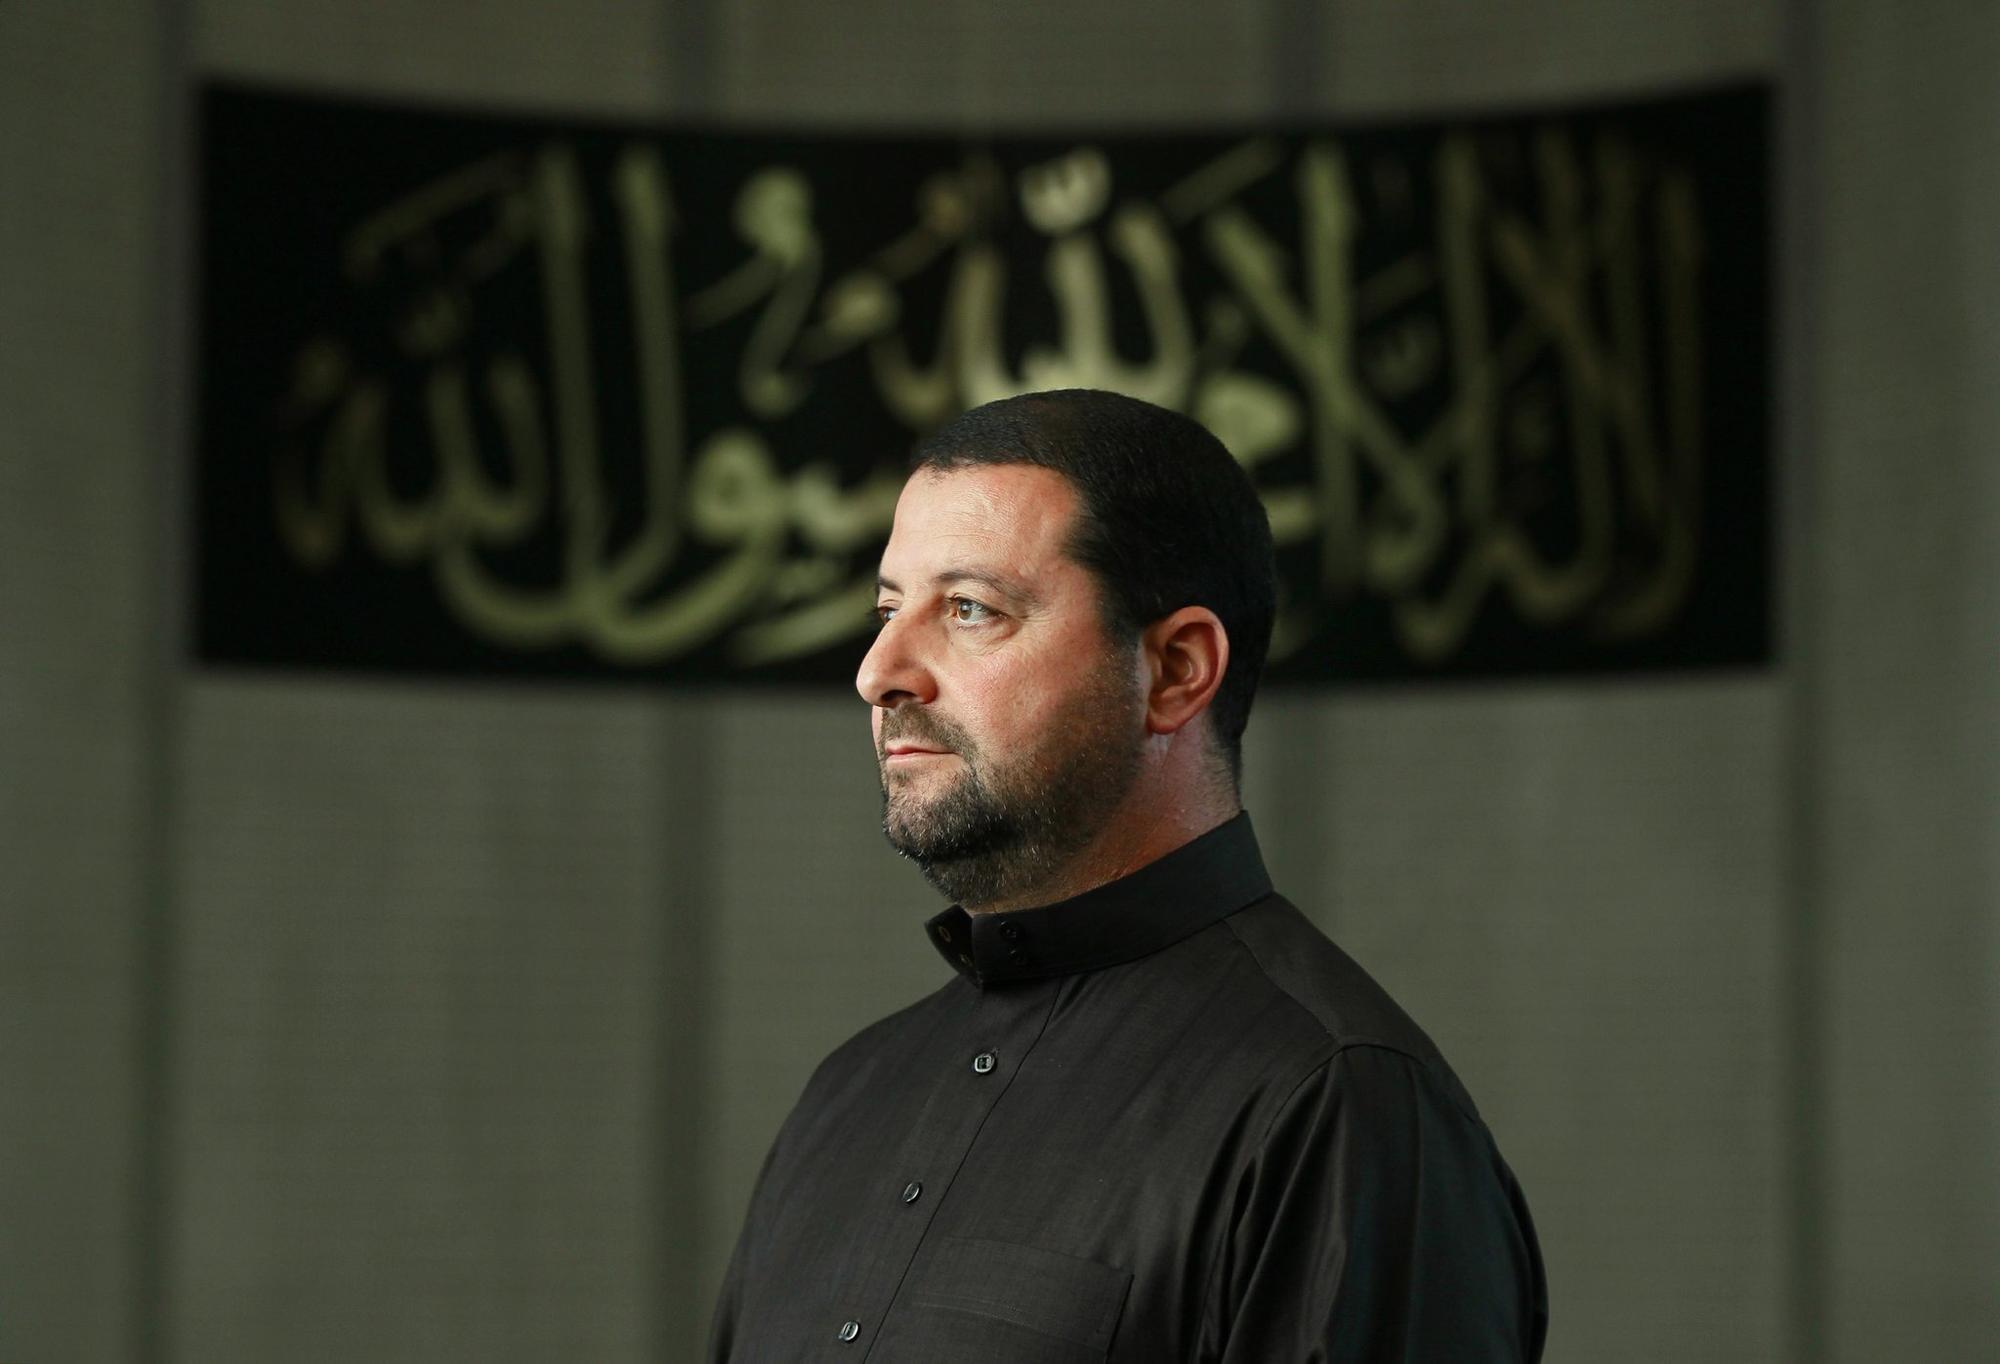 Imam Taha Hassane